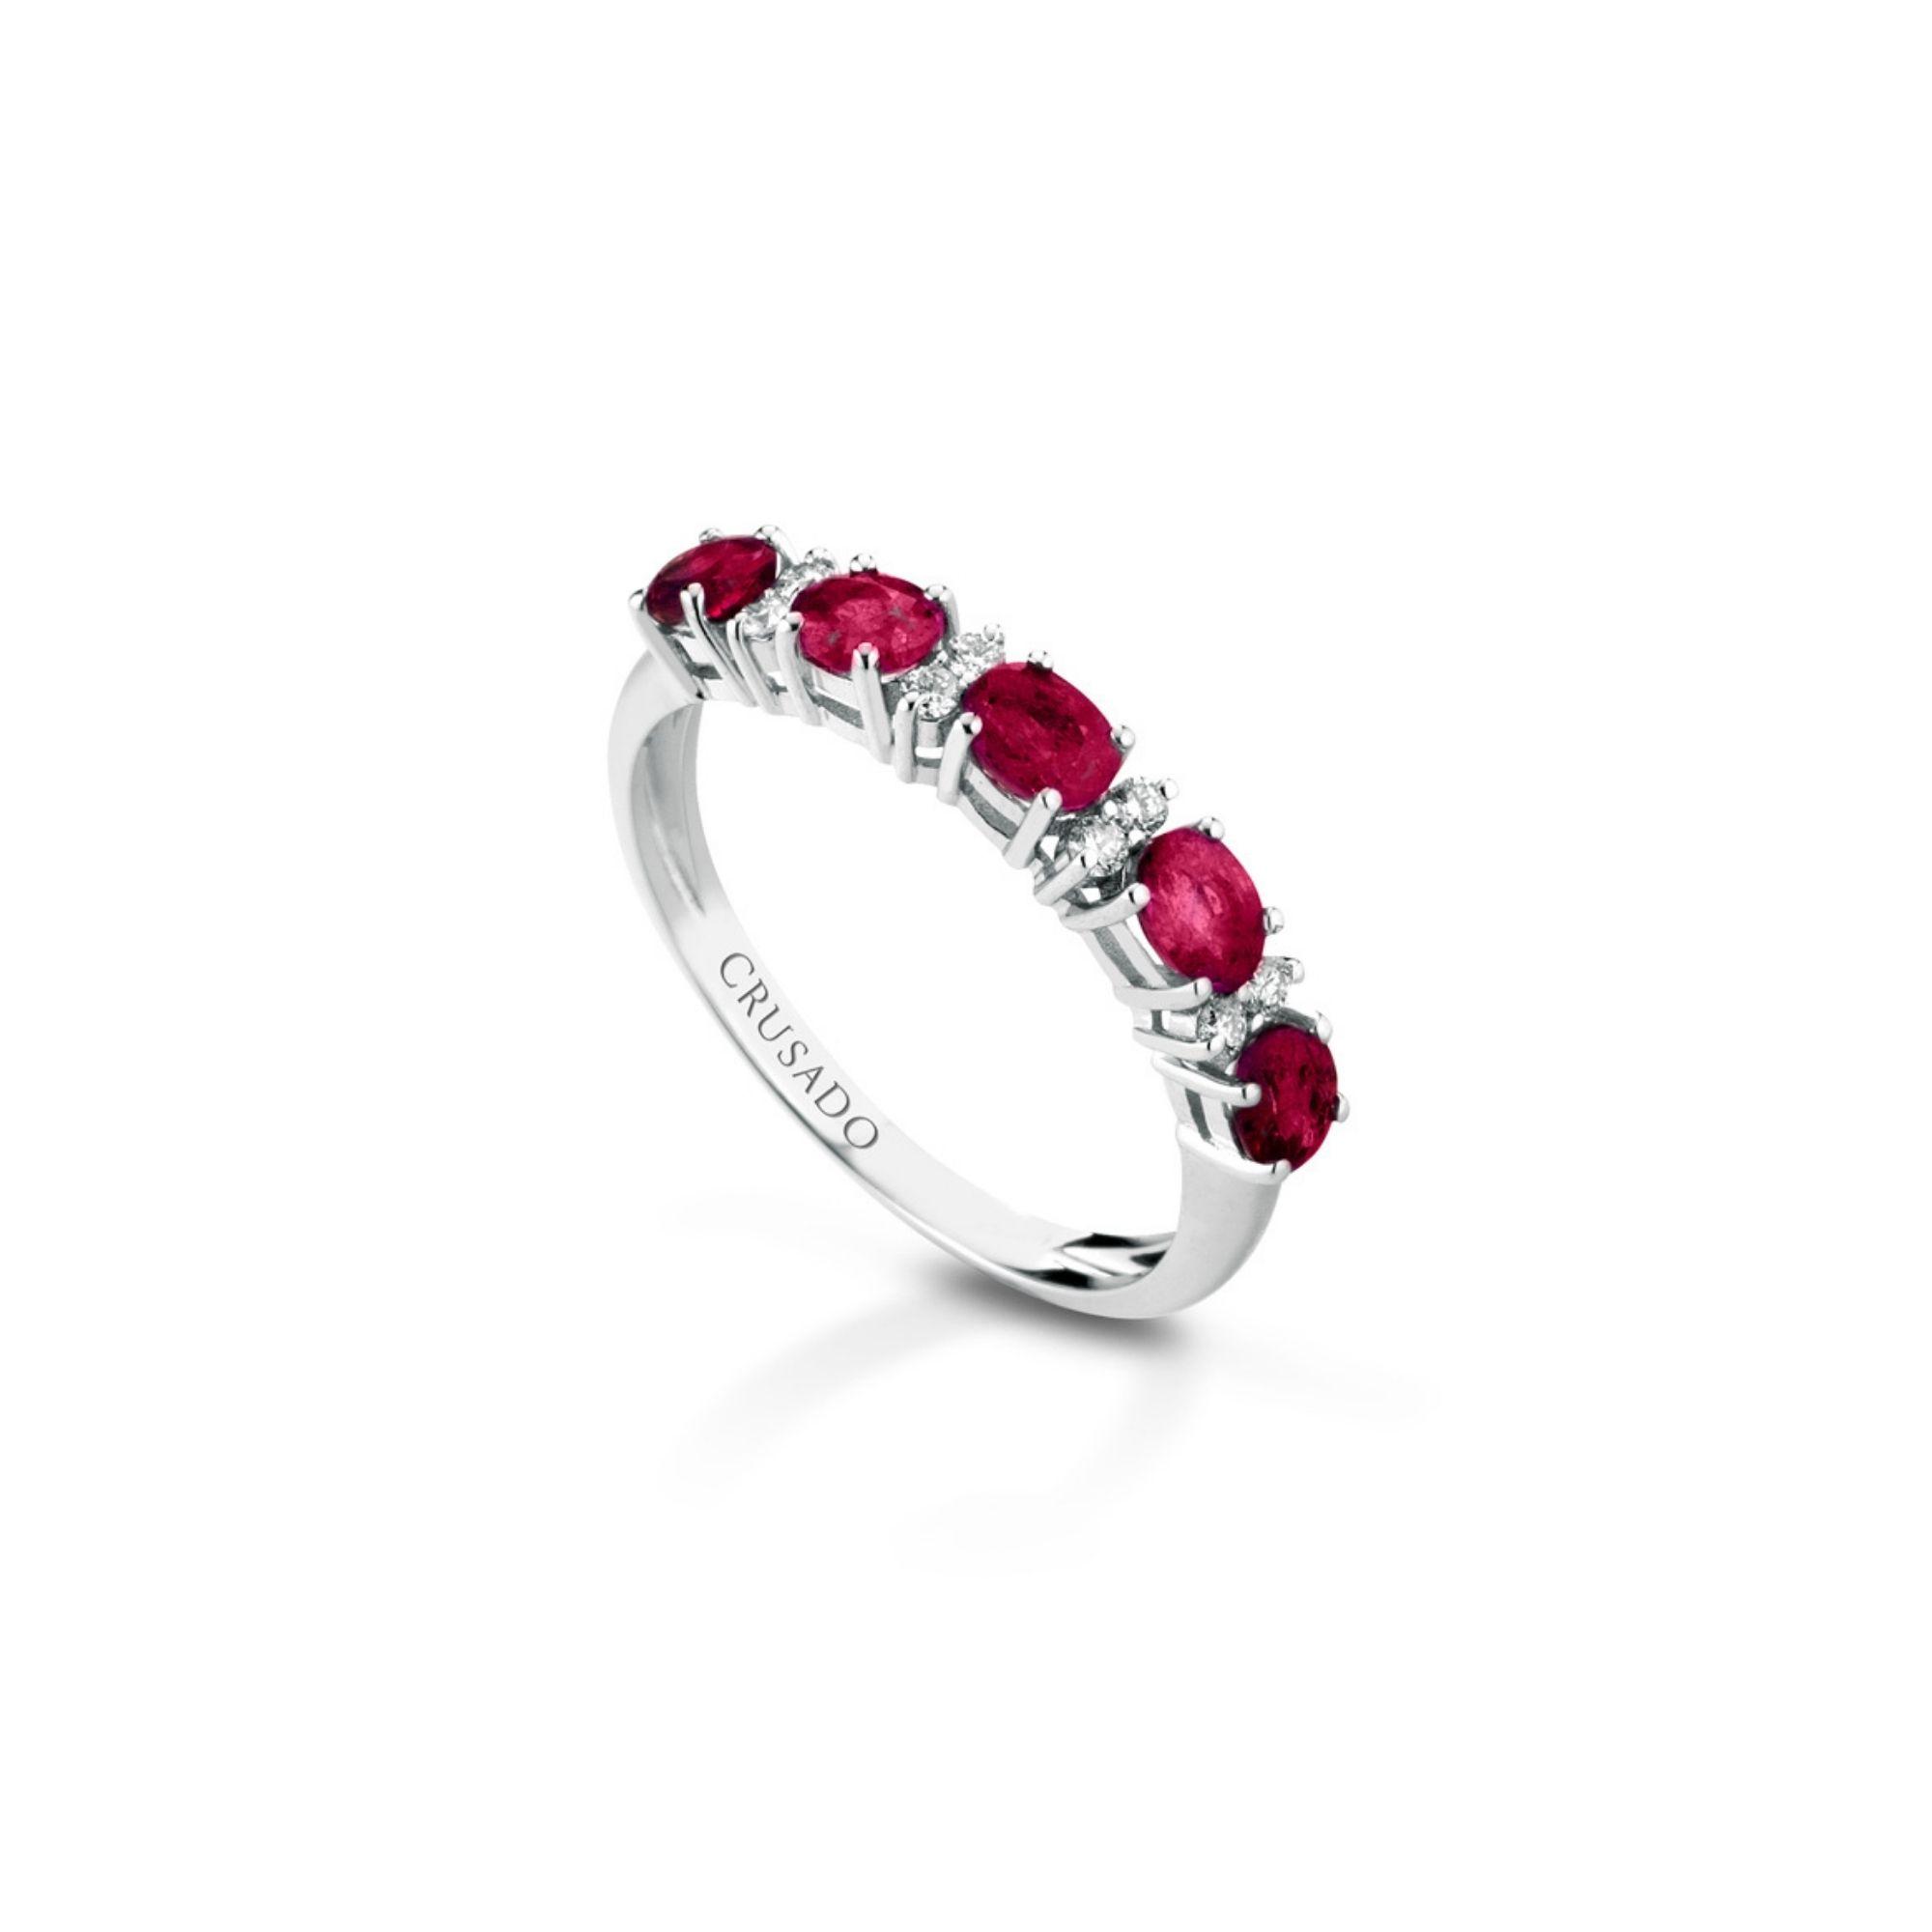 Anello con diamanti e rubini Ring with diamonds and rubies sconto discount 5